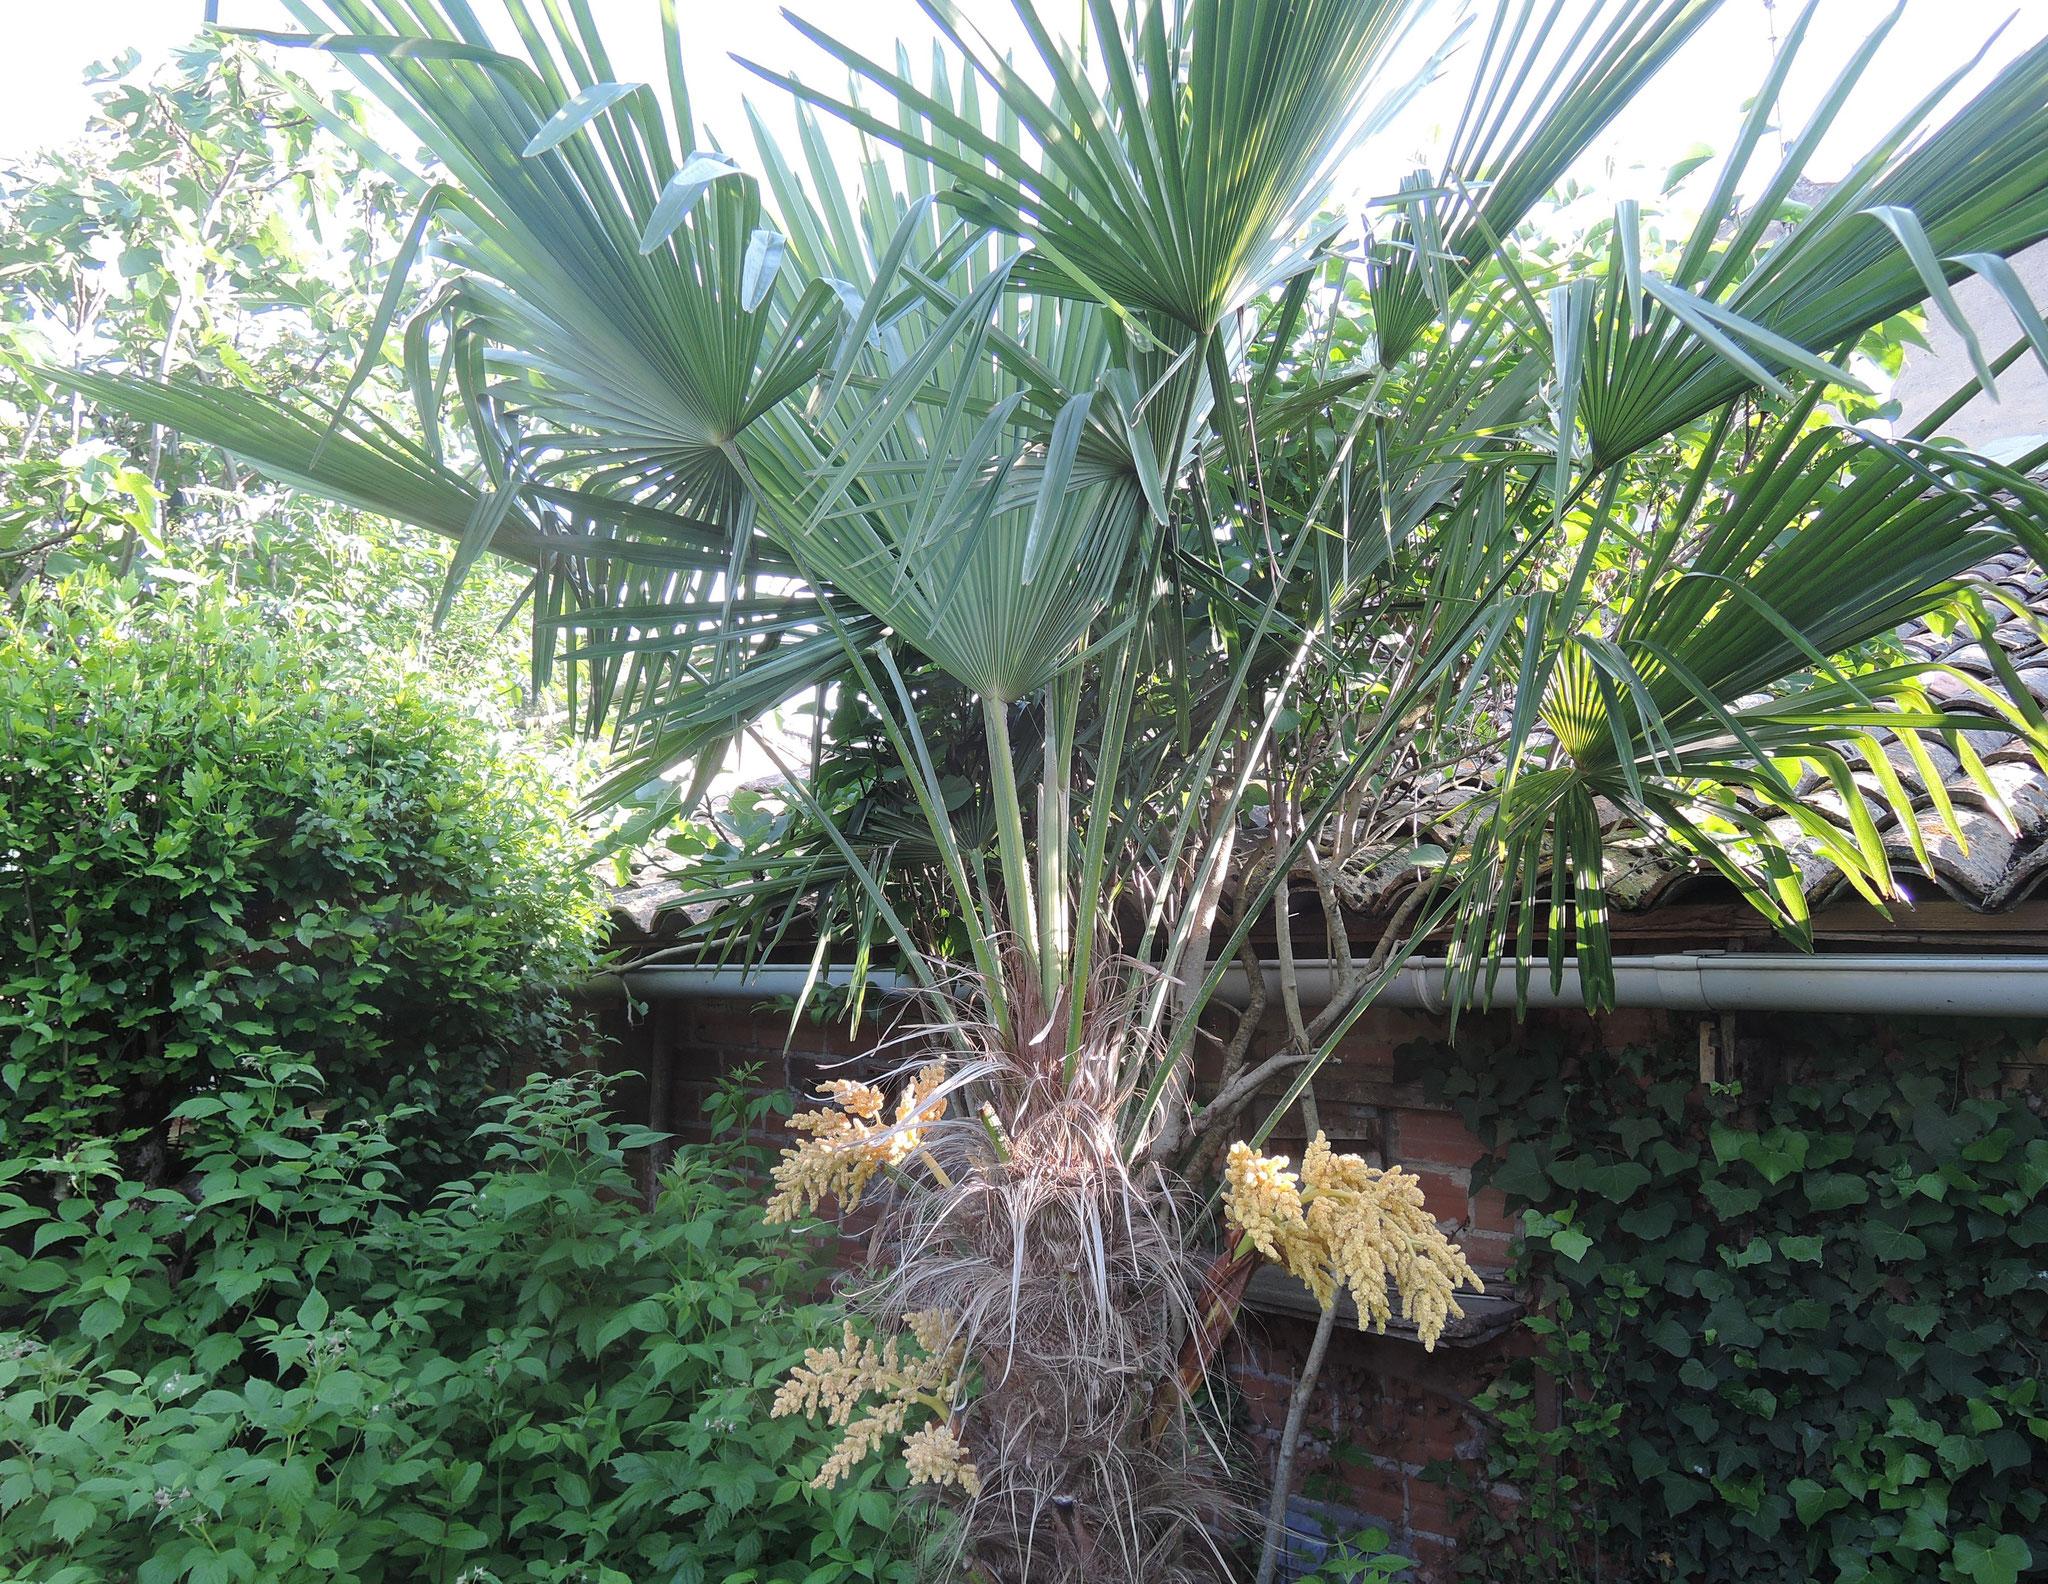 palmier nain en fleur